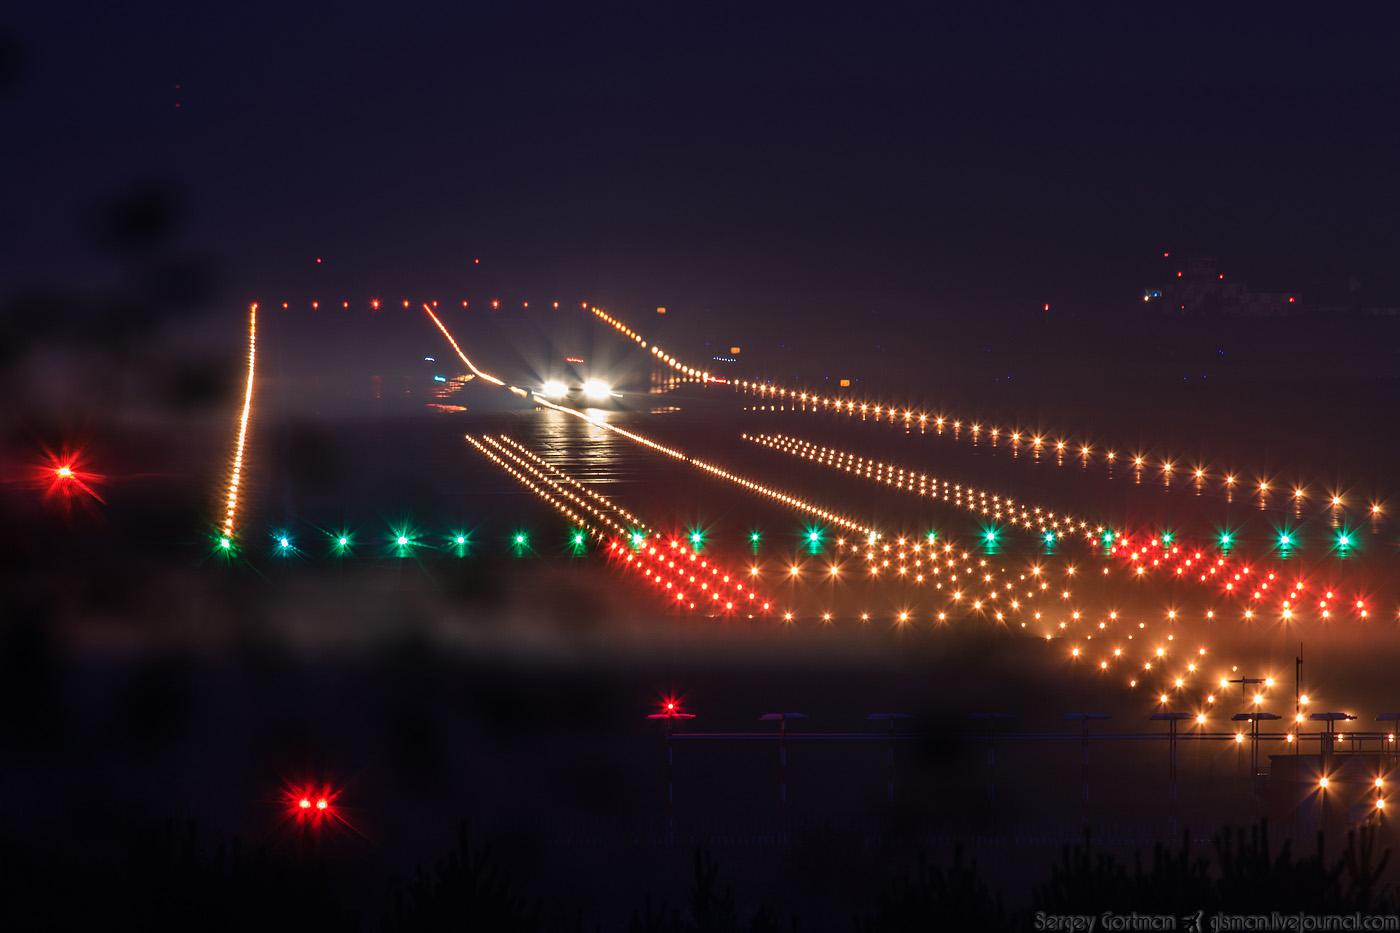 Взлетно посадочная полоса ночью фото 6